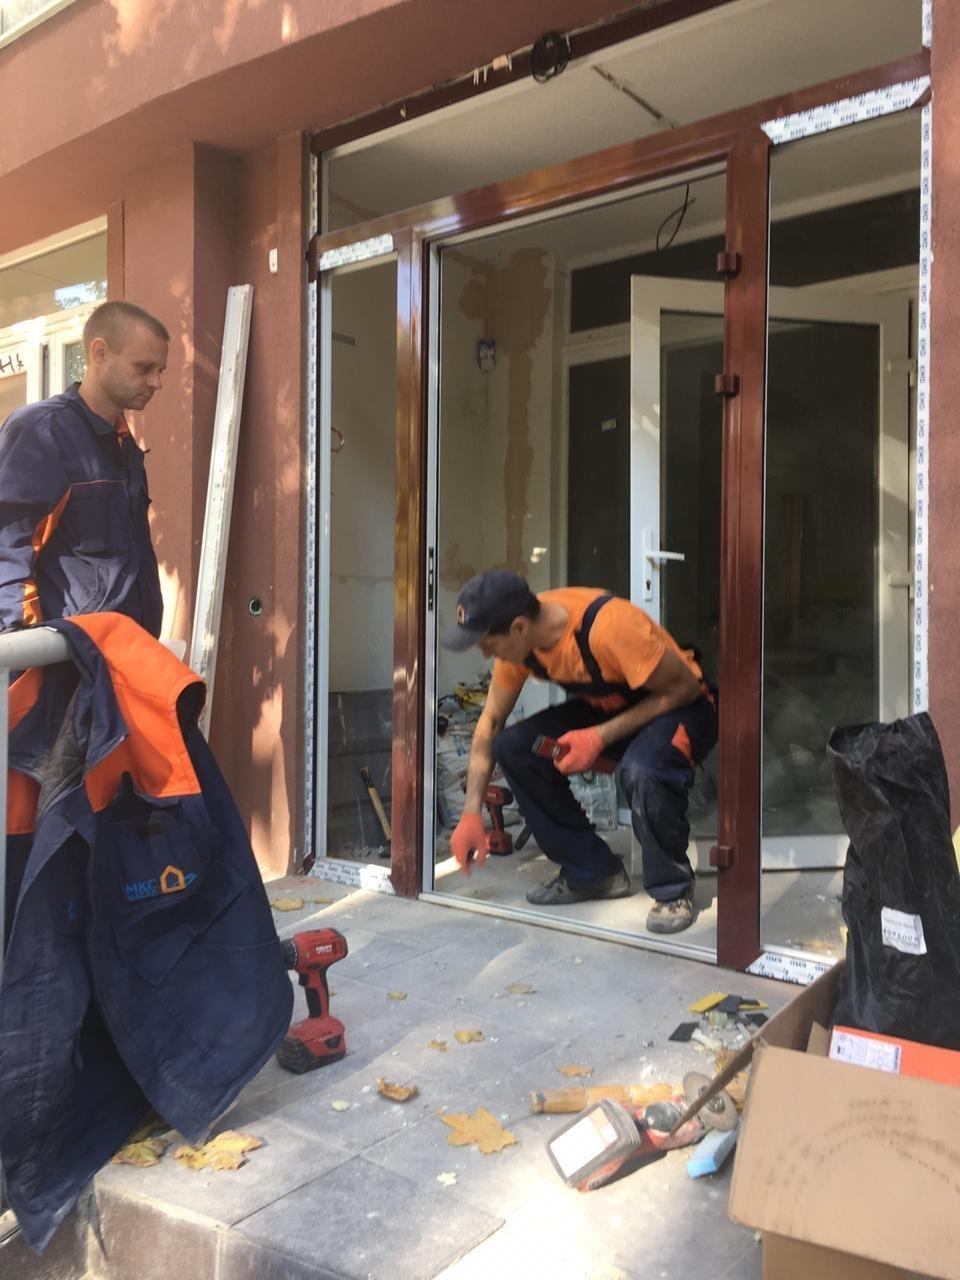 Фонд братьев Кузьминых вскоре откроет третий реабилитационный центр для раненых, - ФОТО, фото-7